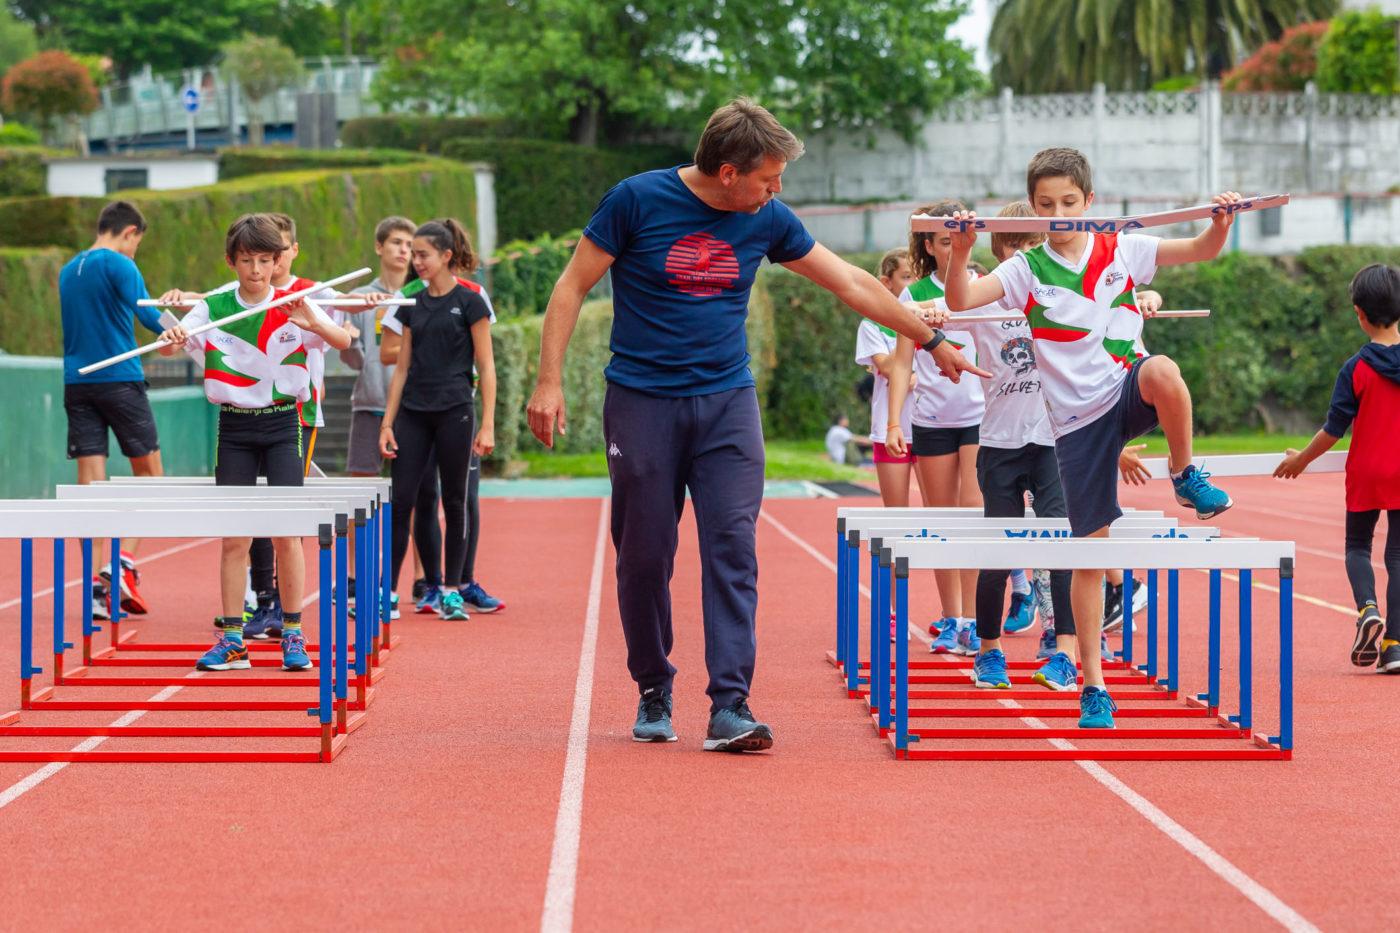 20190614 Sjdl Berriak 93 Au Quotidien Sjlc Athlétisme Img 0274